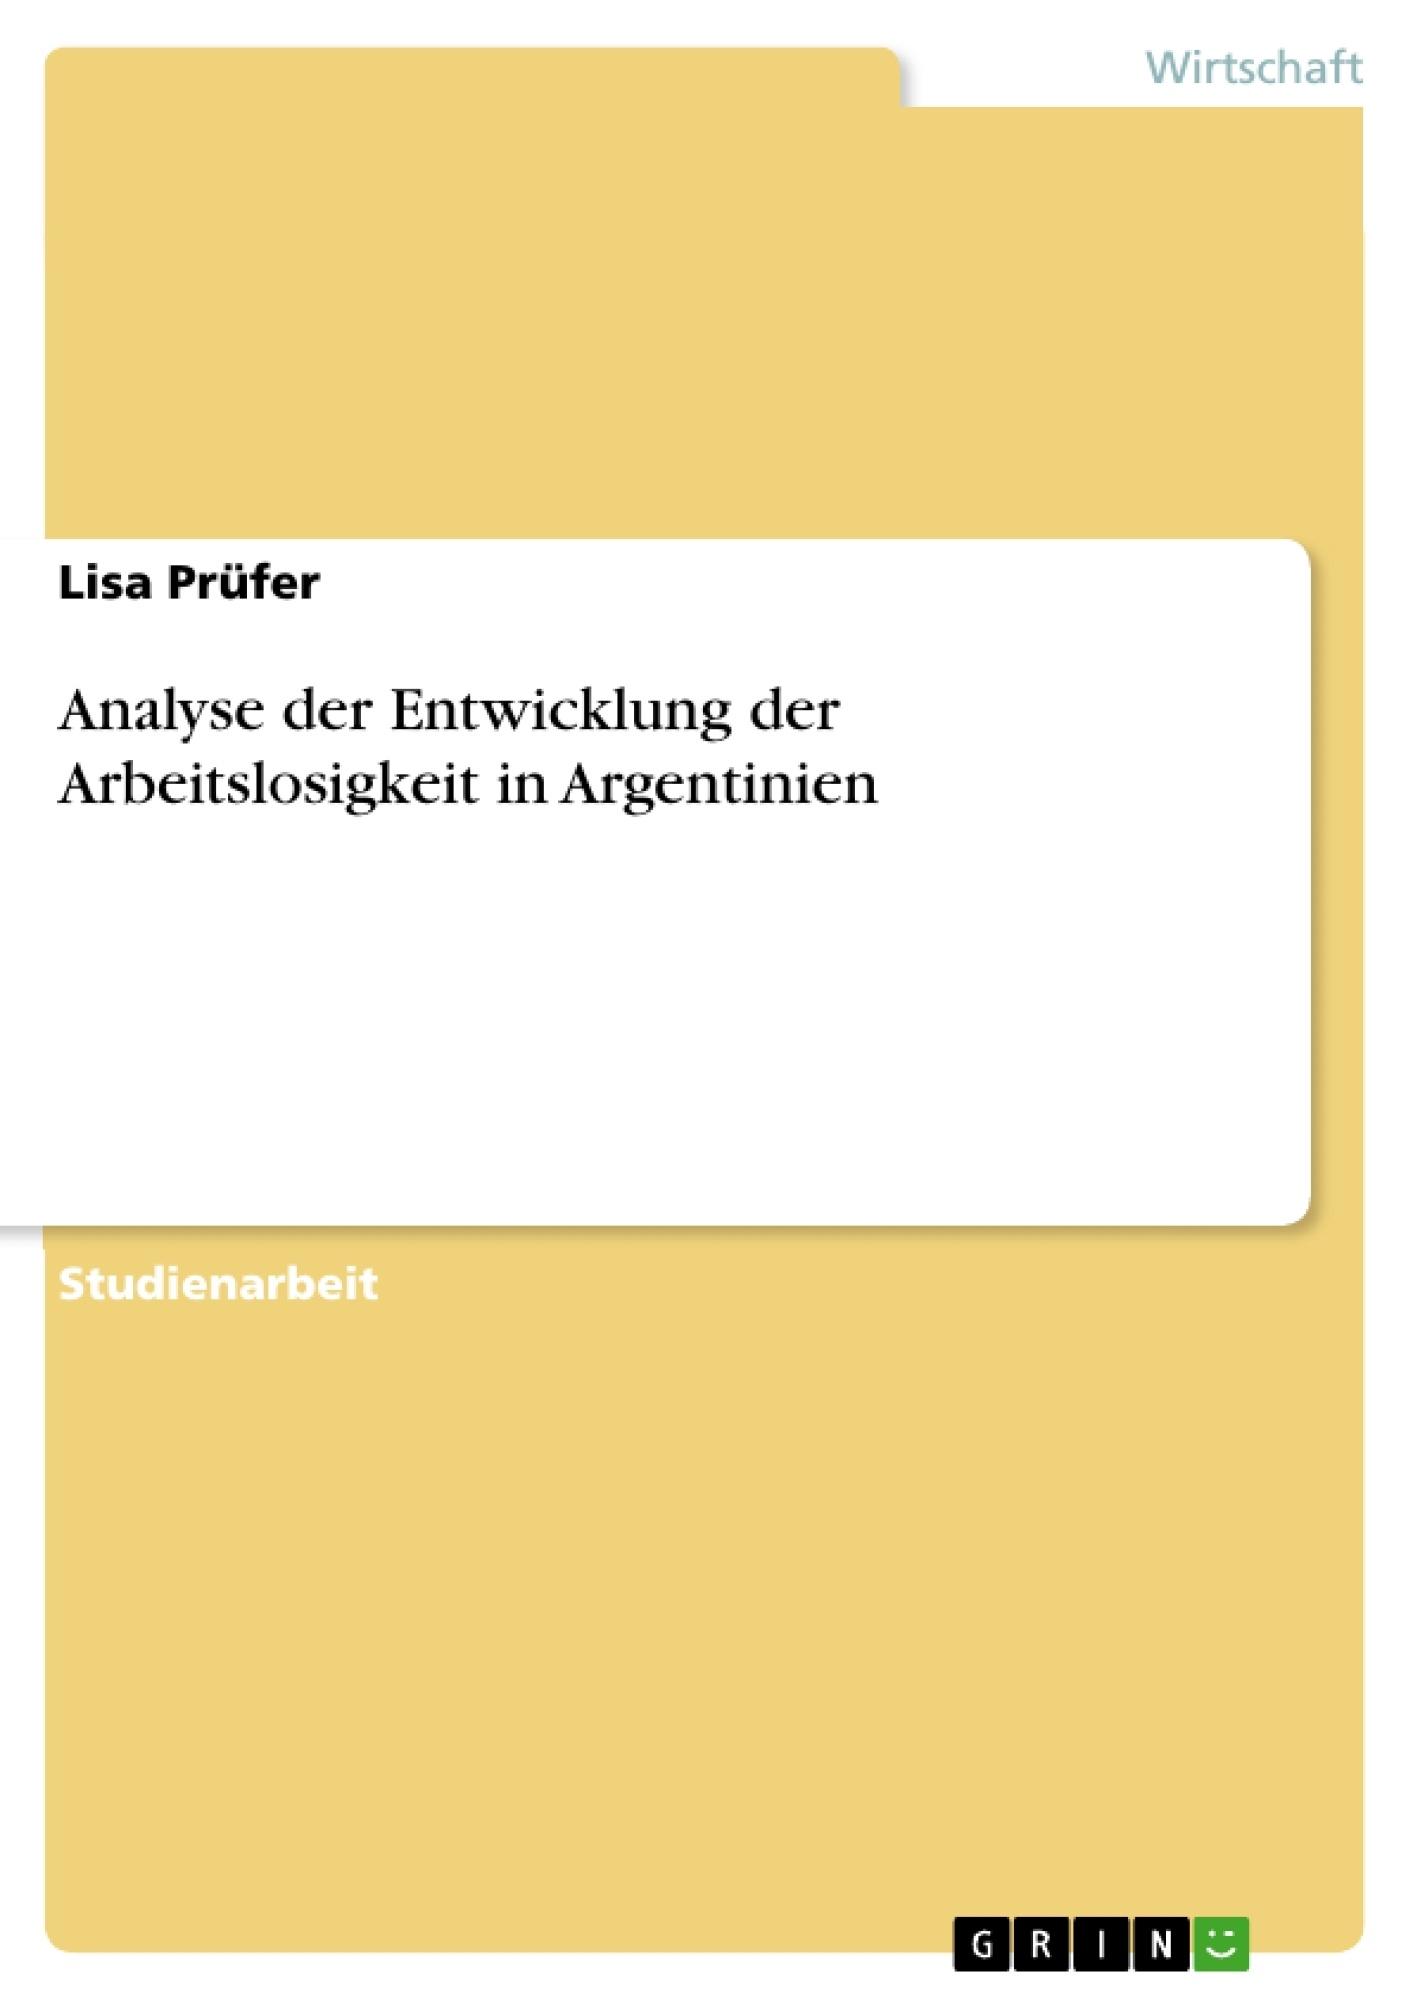 Titel: Analyse der Entwicklung der Arbeitslosigkeit in Argentinien